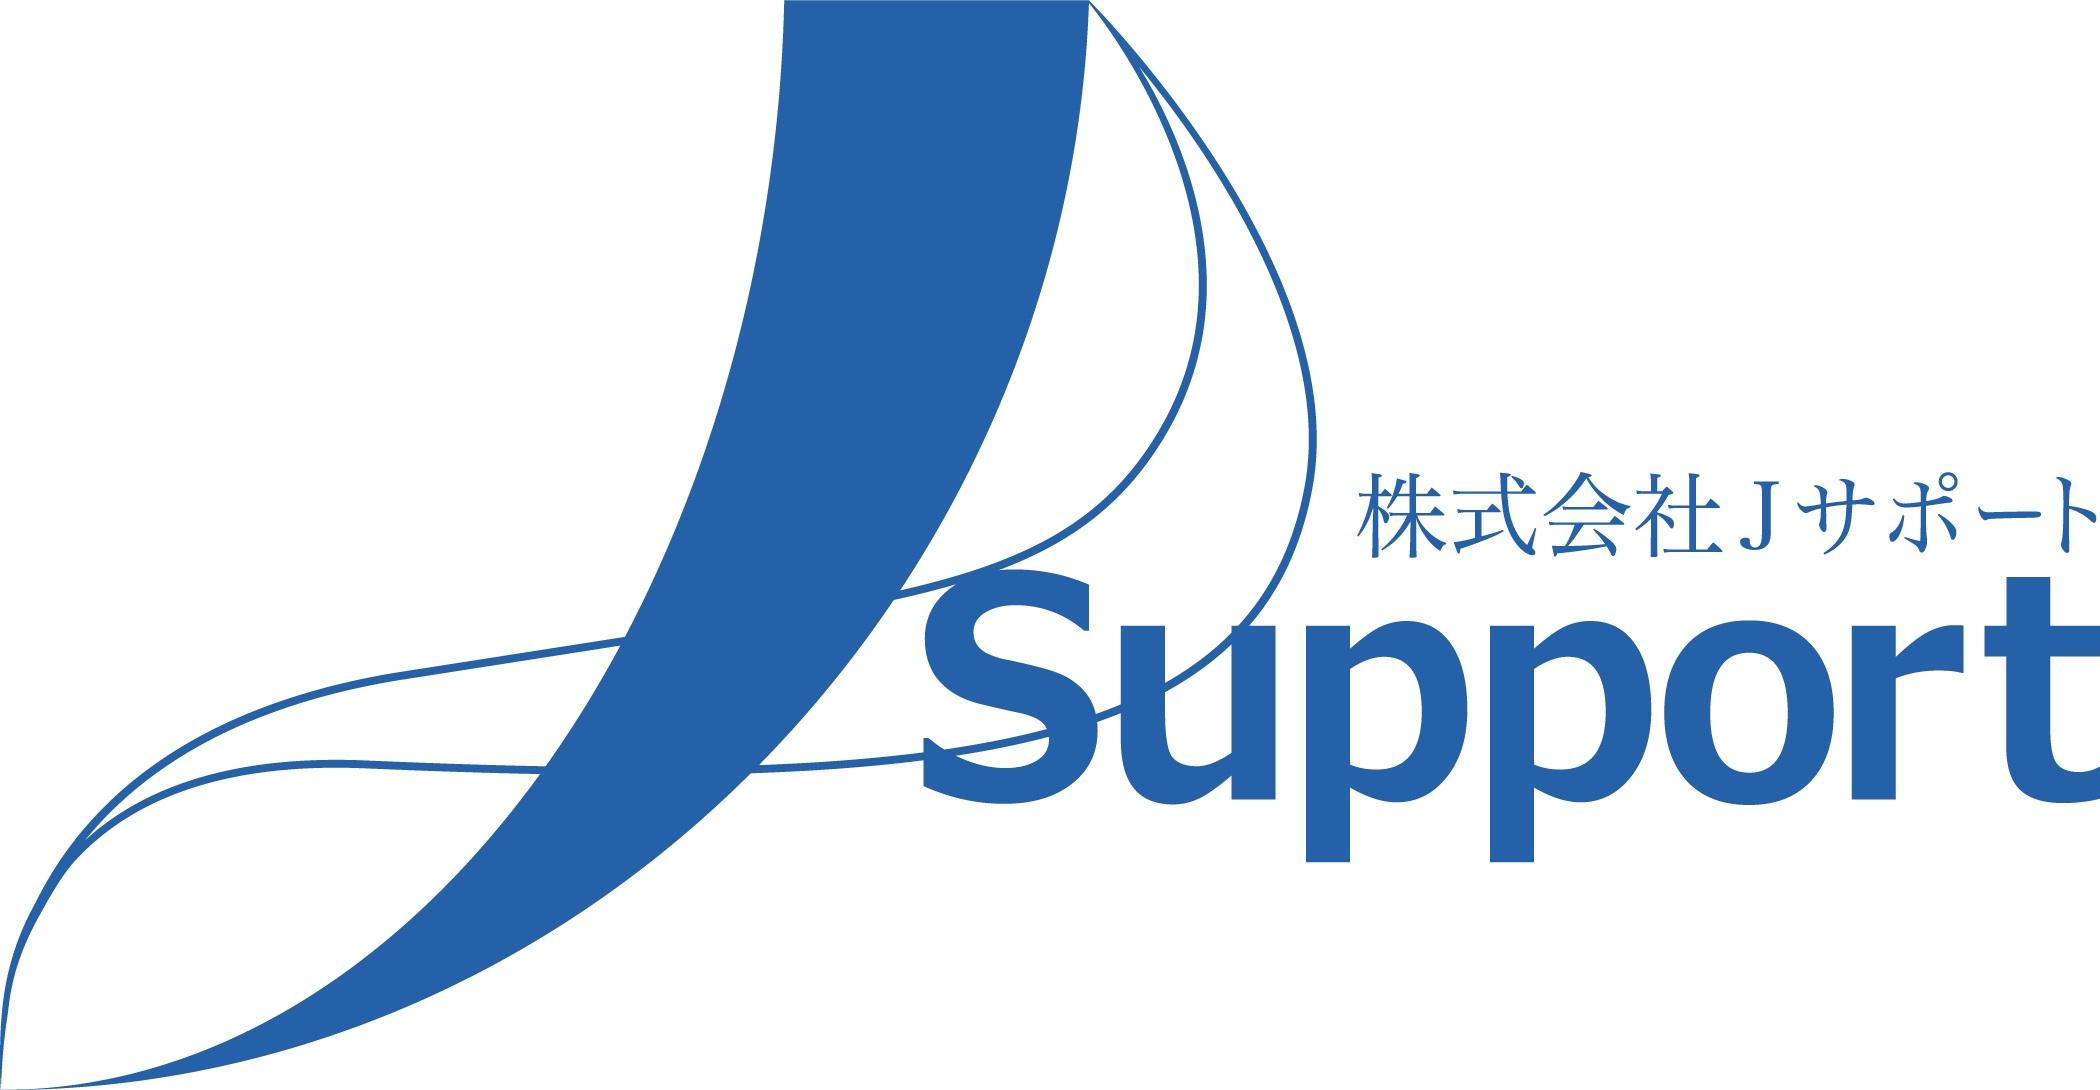 株式会社 Jサポート